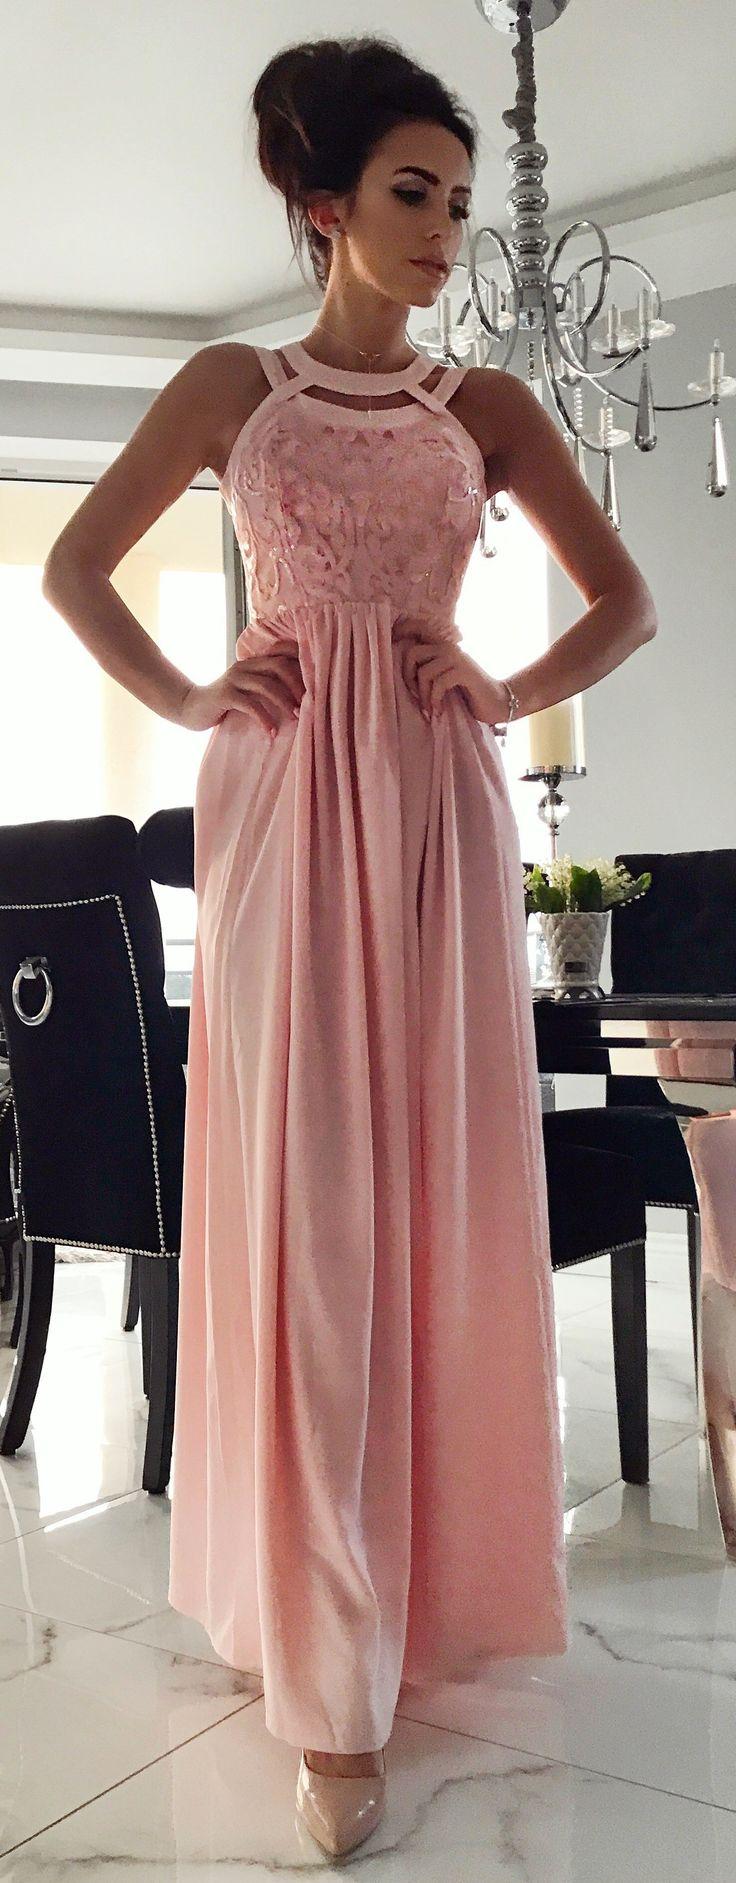 Maxidress Mery  pudrowy róż. Piękna różowa sukienka na wesele dla druhny